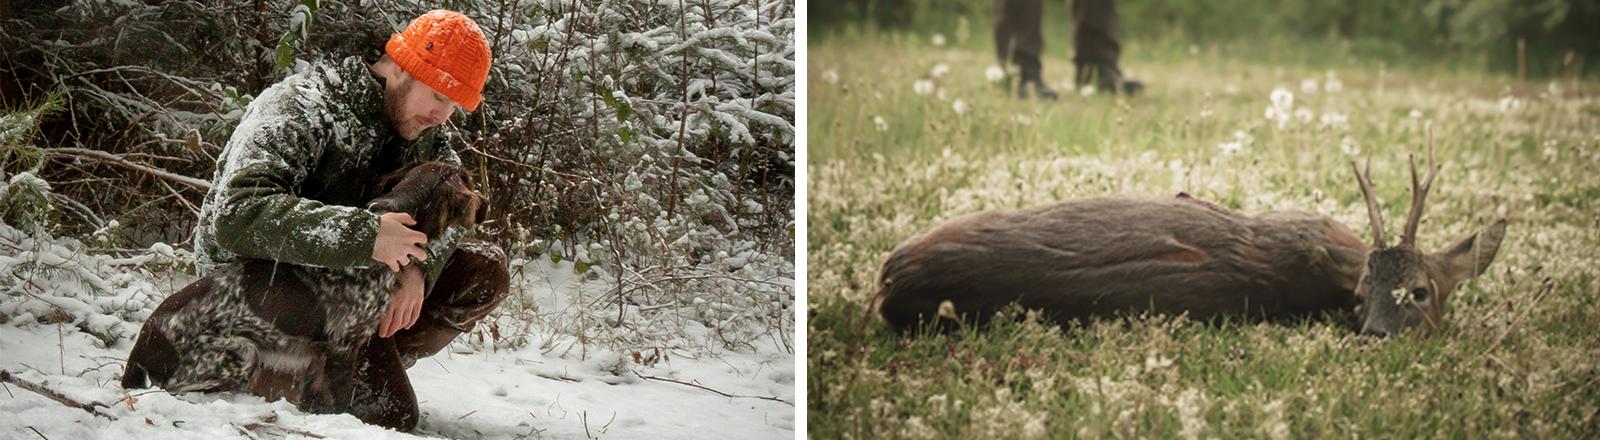 Collage: der Jäger Fabian Grimm kniet neben einem Jagdhund auf schneebedecktem Waldboden, und ein frisch erlegtes Reh liegt mit offenen Augen auf einer Wiese.